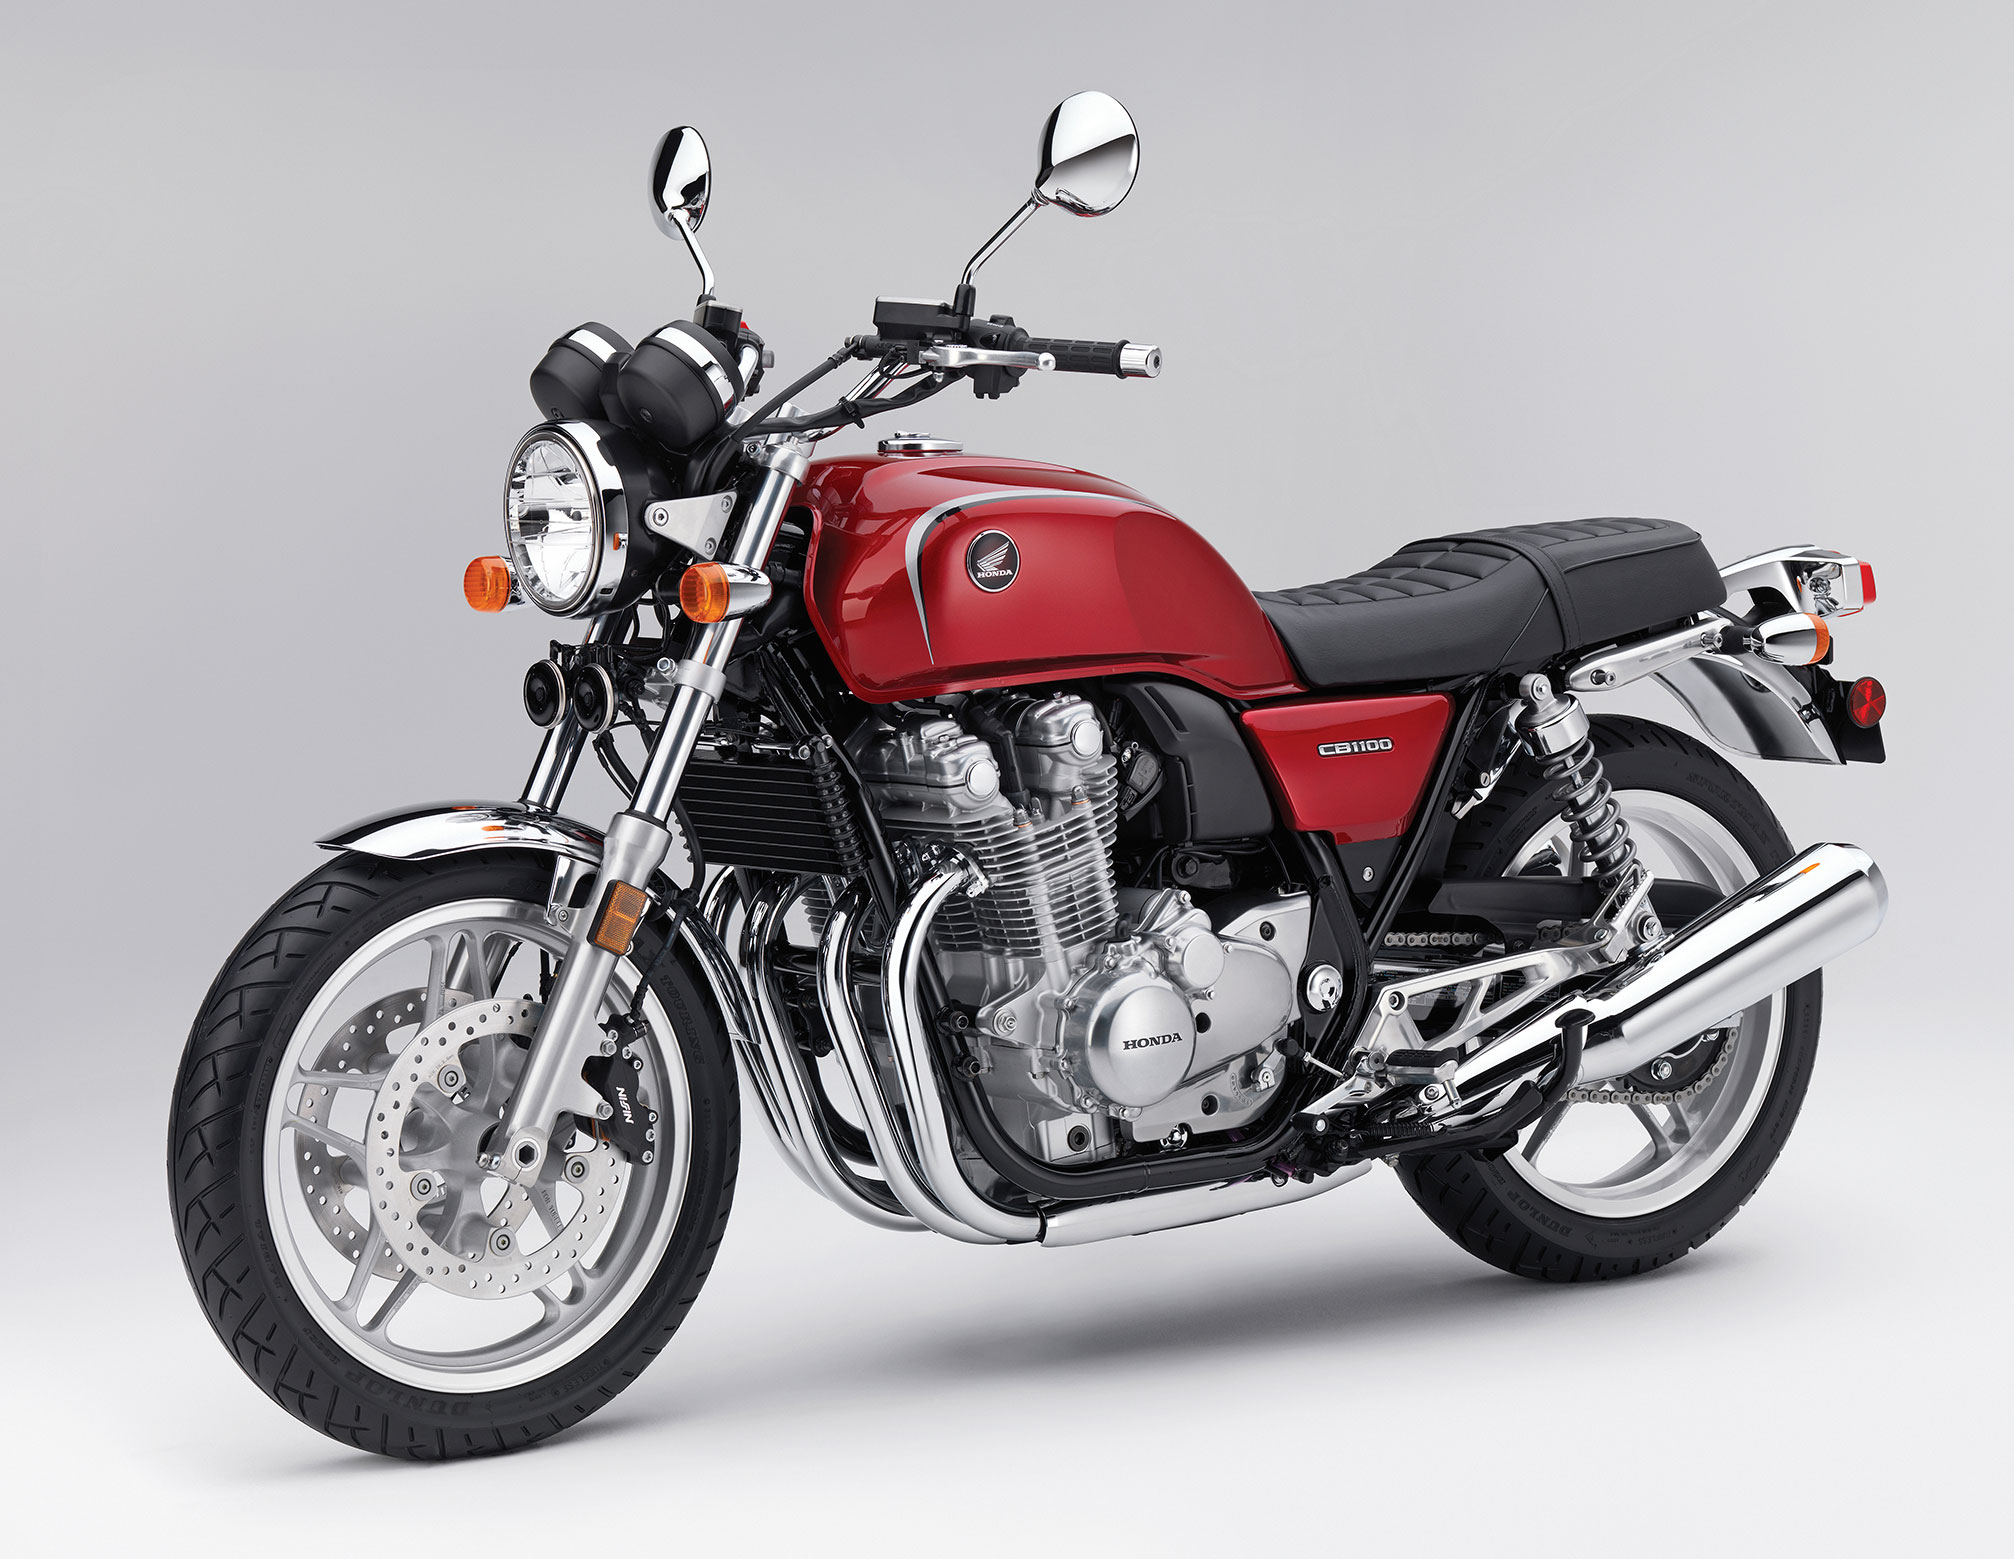 本田honda cb1100 摩托车图片